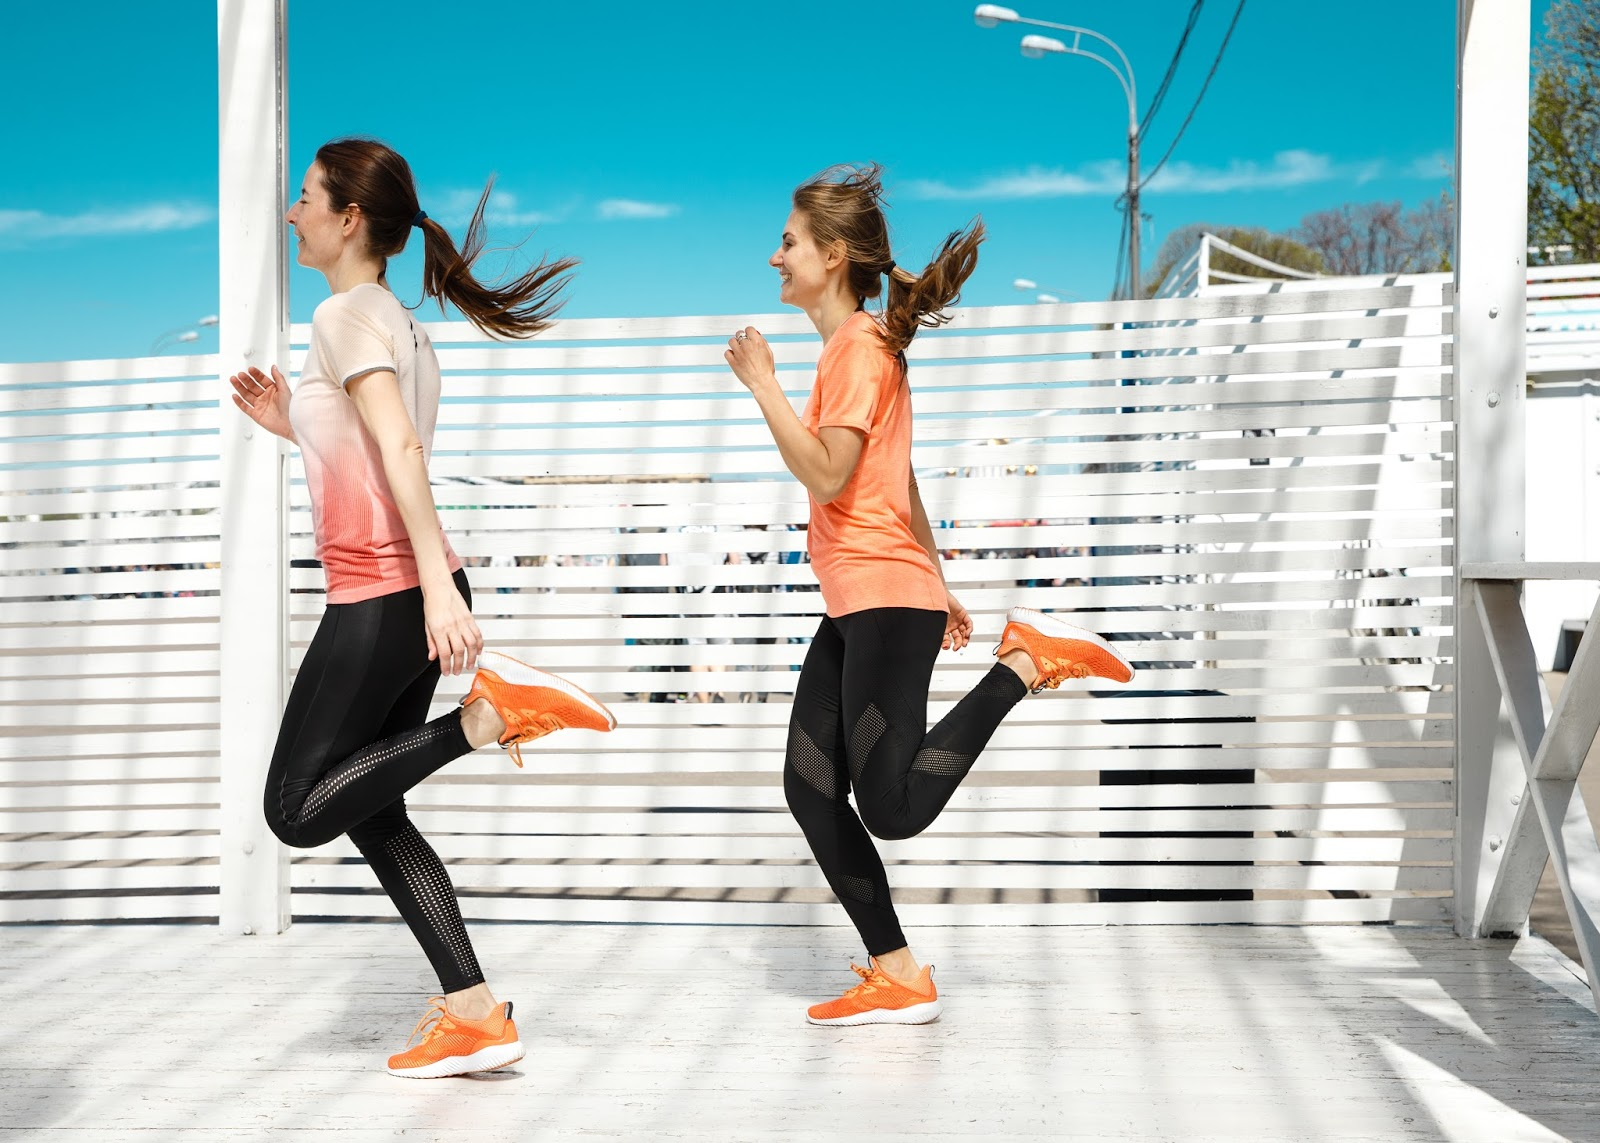 55fc92e73b5c56 Спеціальні бігові вправи - основа для бігу